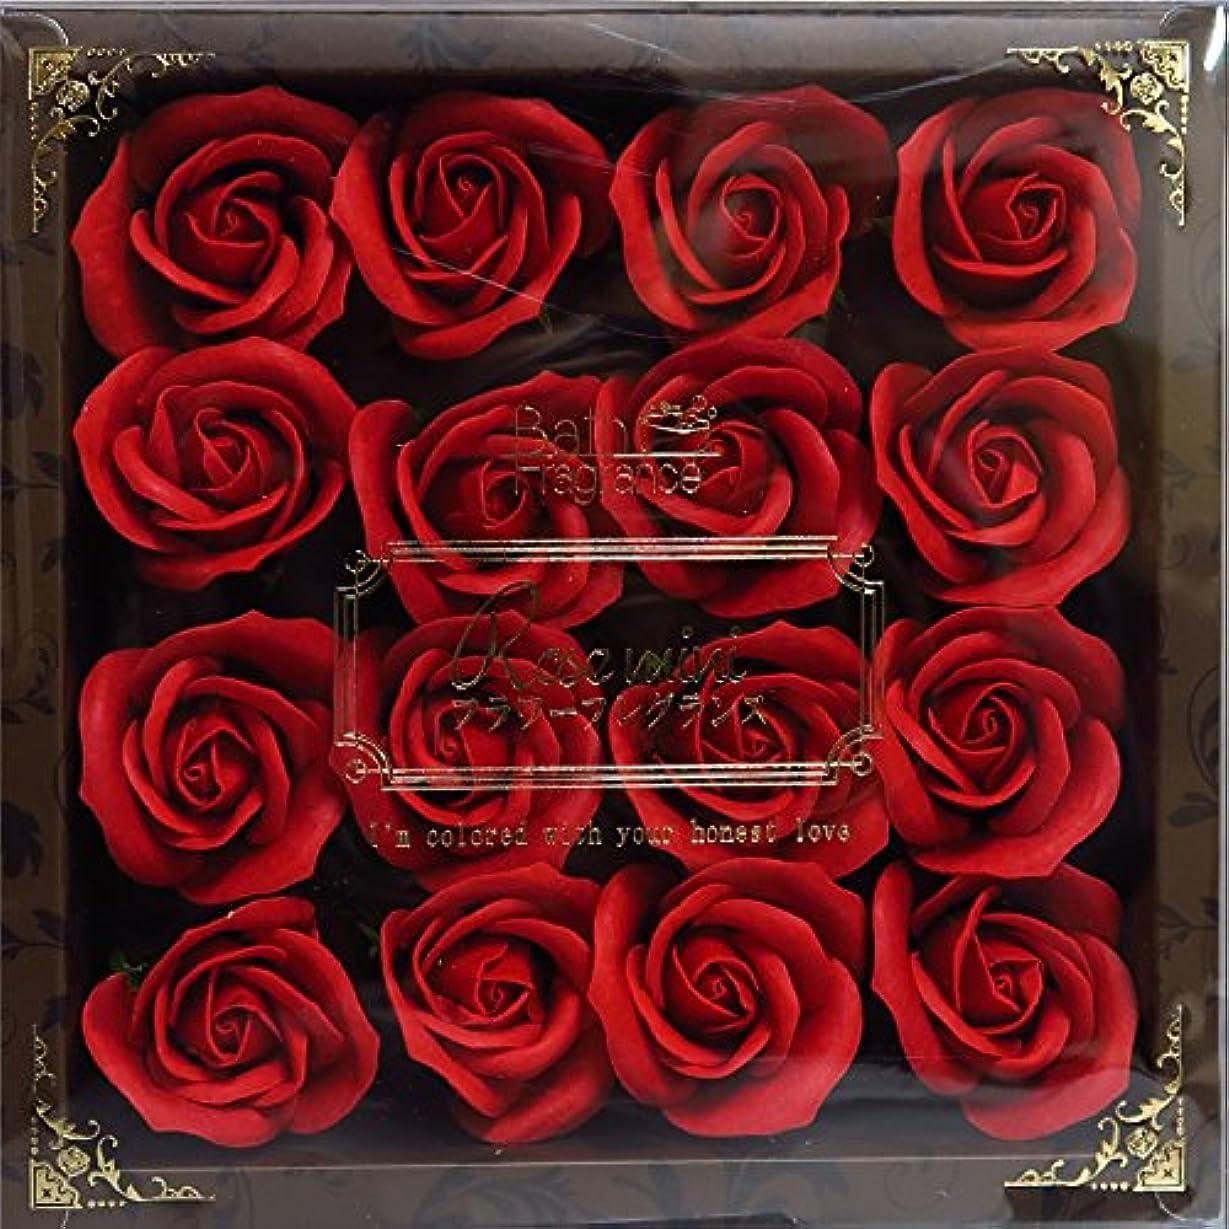 分析する無スティーブンソンバスフレグランス バスフラワー ミニローズフレグランス(M)レッド ギフト お花の形の入浴剤 プレゼント ばら